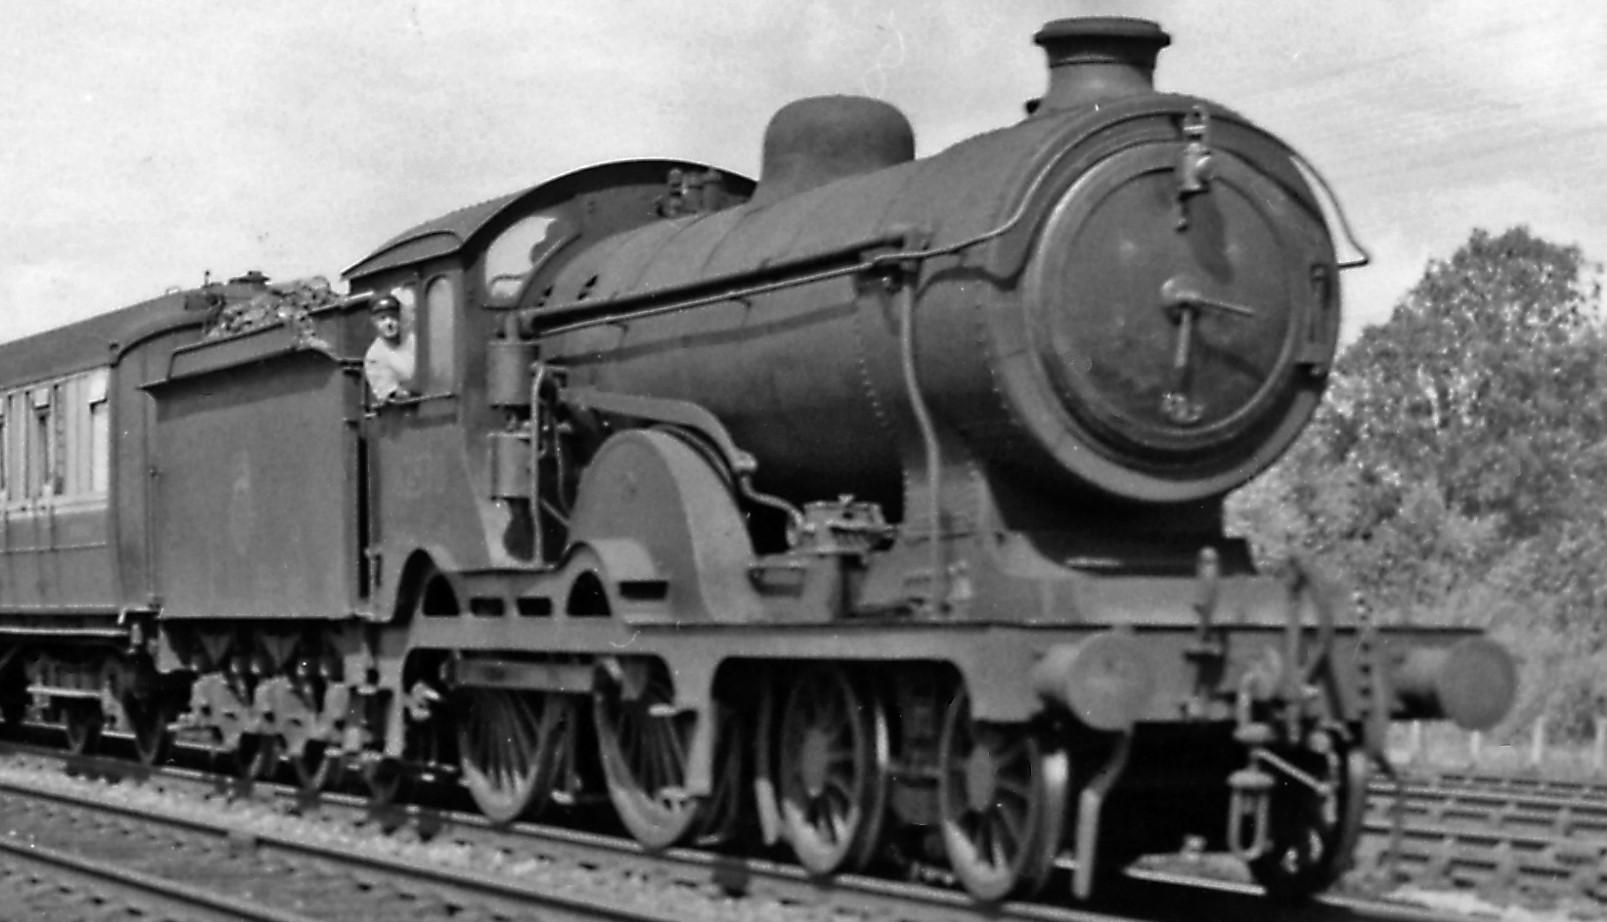 62570 at Werrington Junction in August 1959. ©Ben Brooksbank